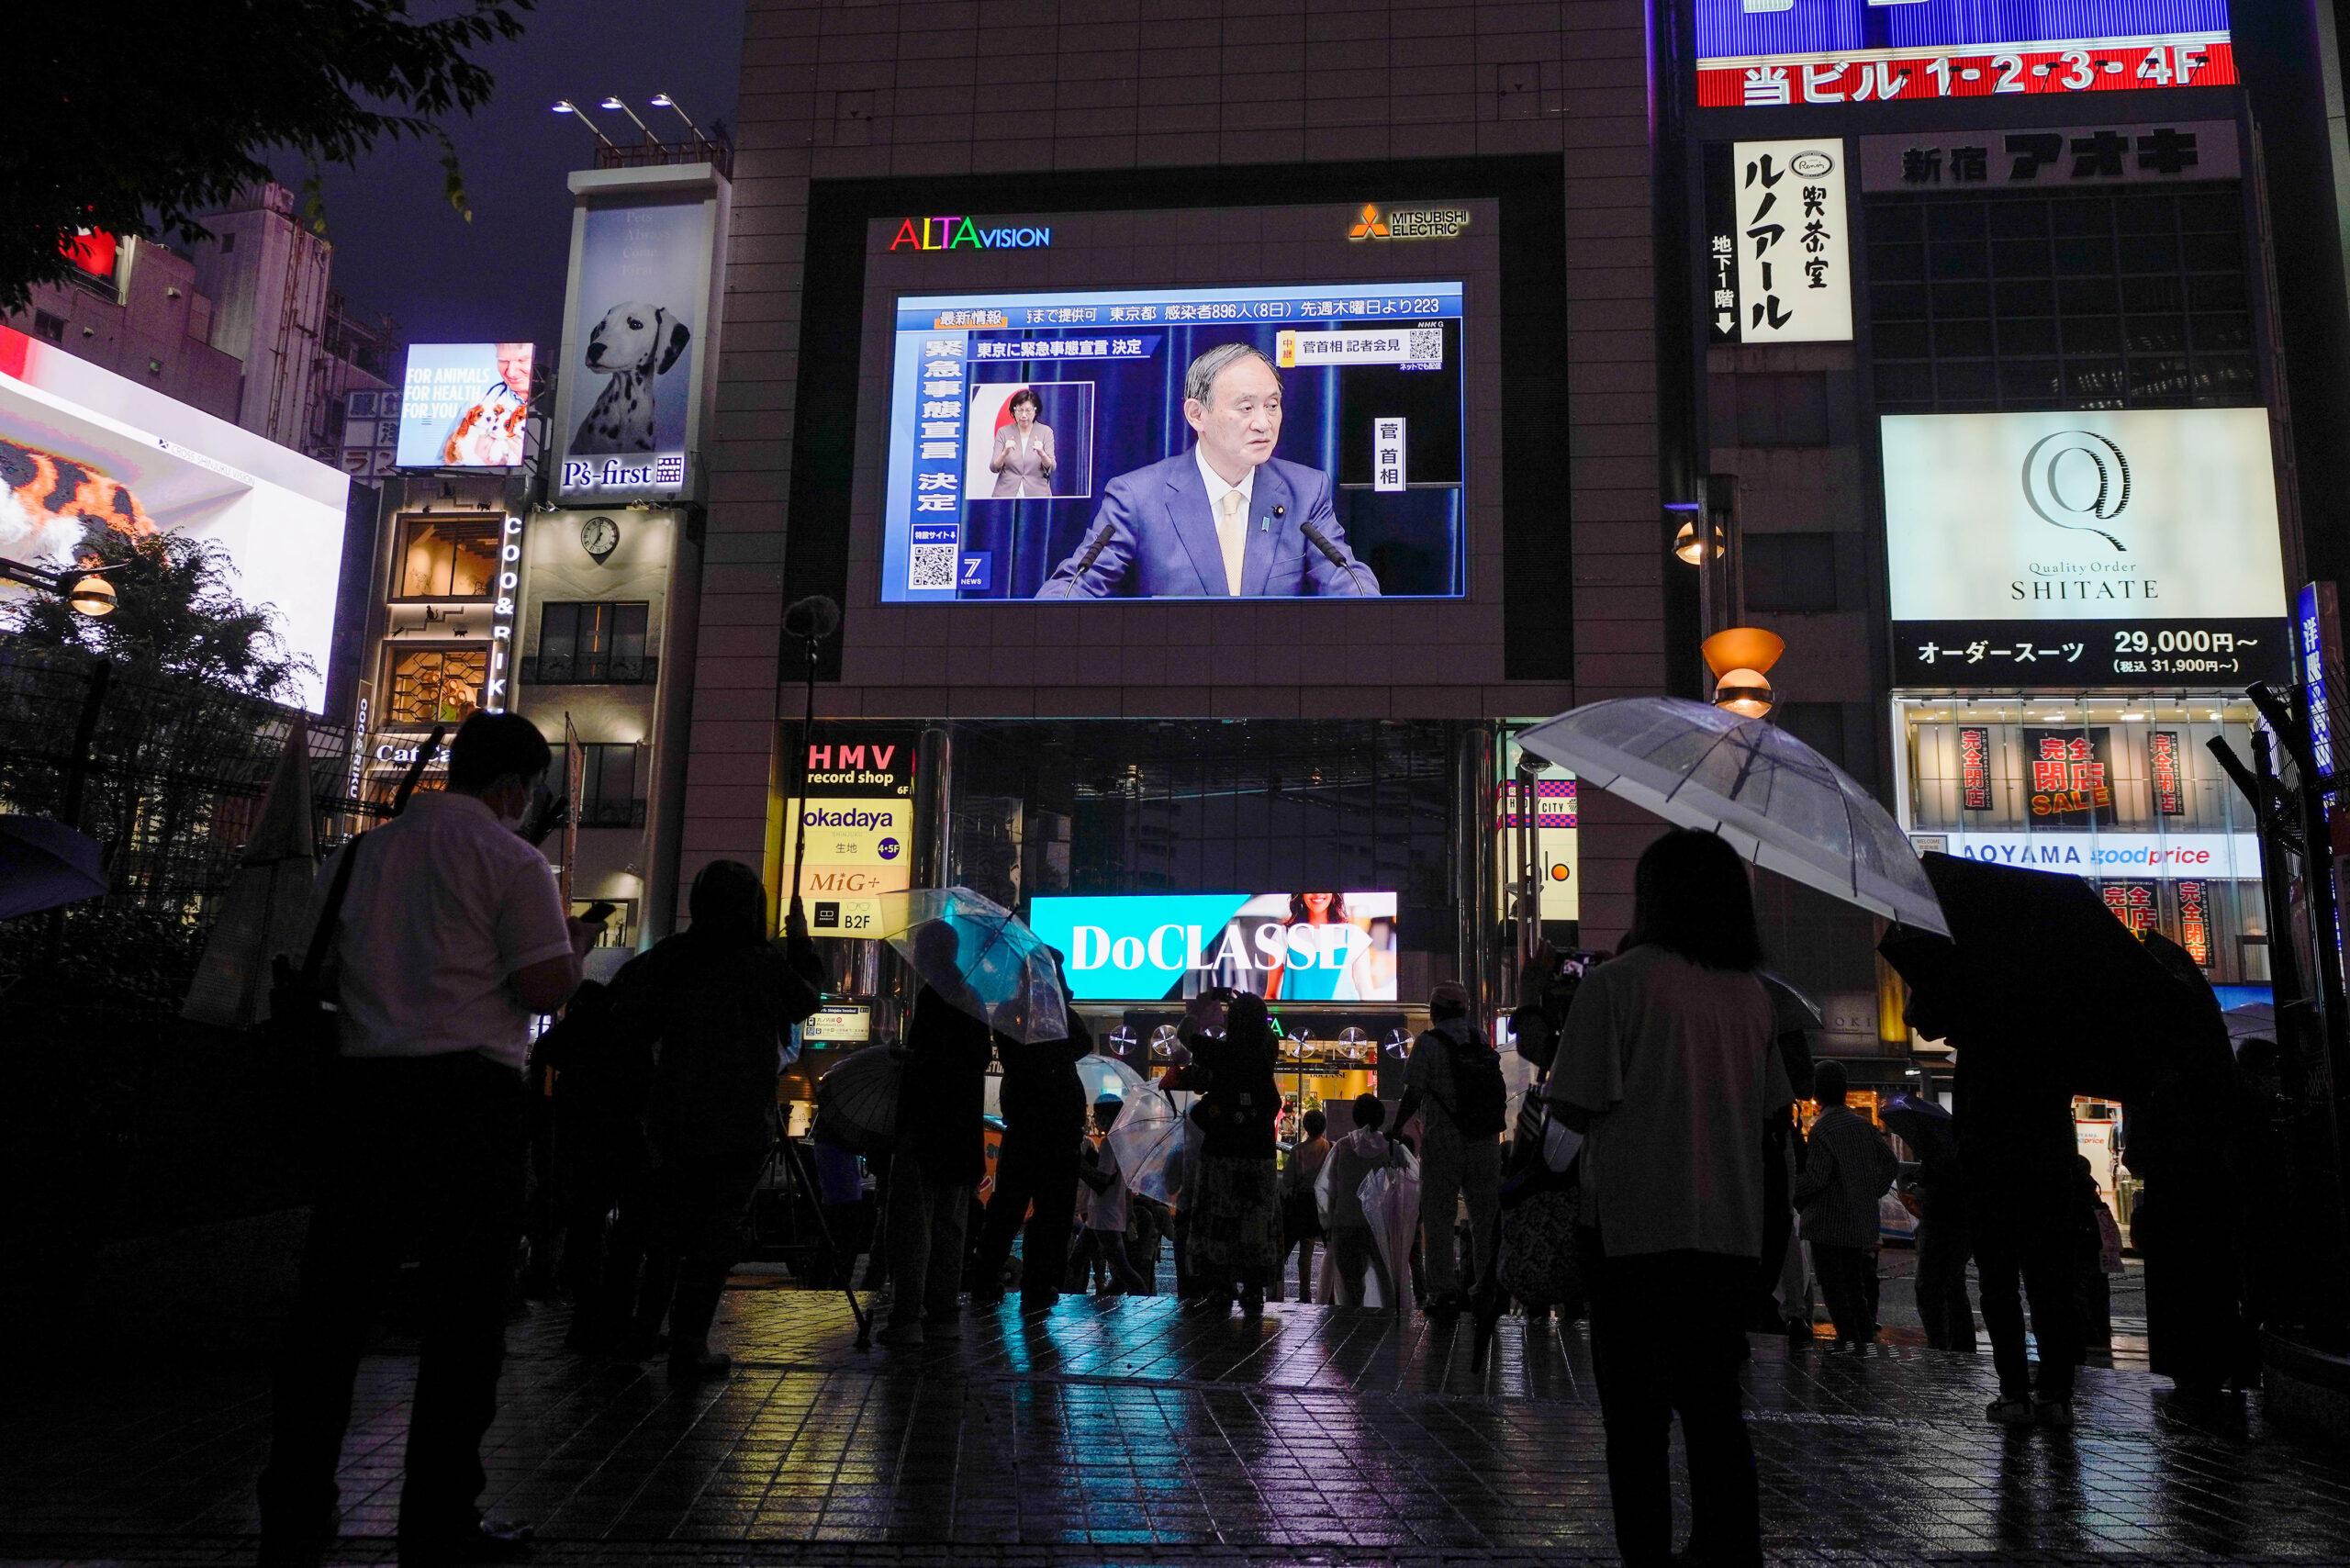 นายกฯ ญี่ปุ่น 'ขอโทษ' ปมห้ามขายเครื่องดื่มแอลกอฮอลล์